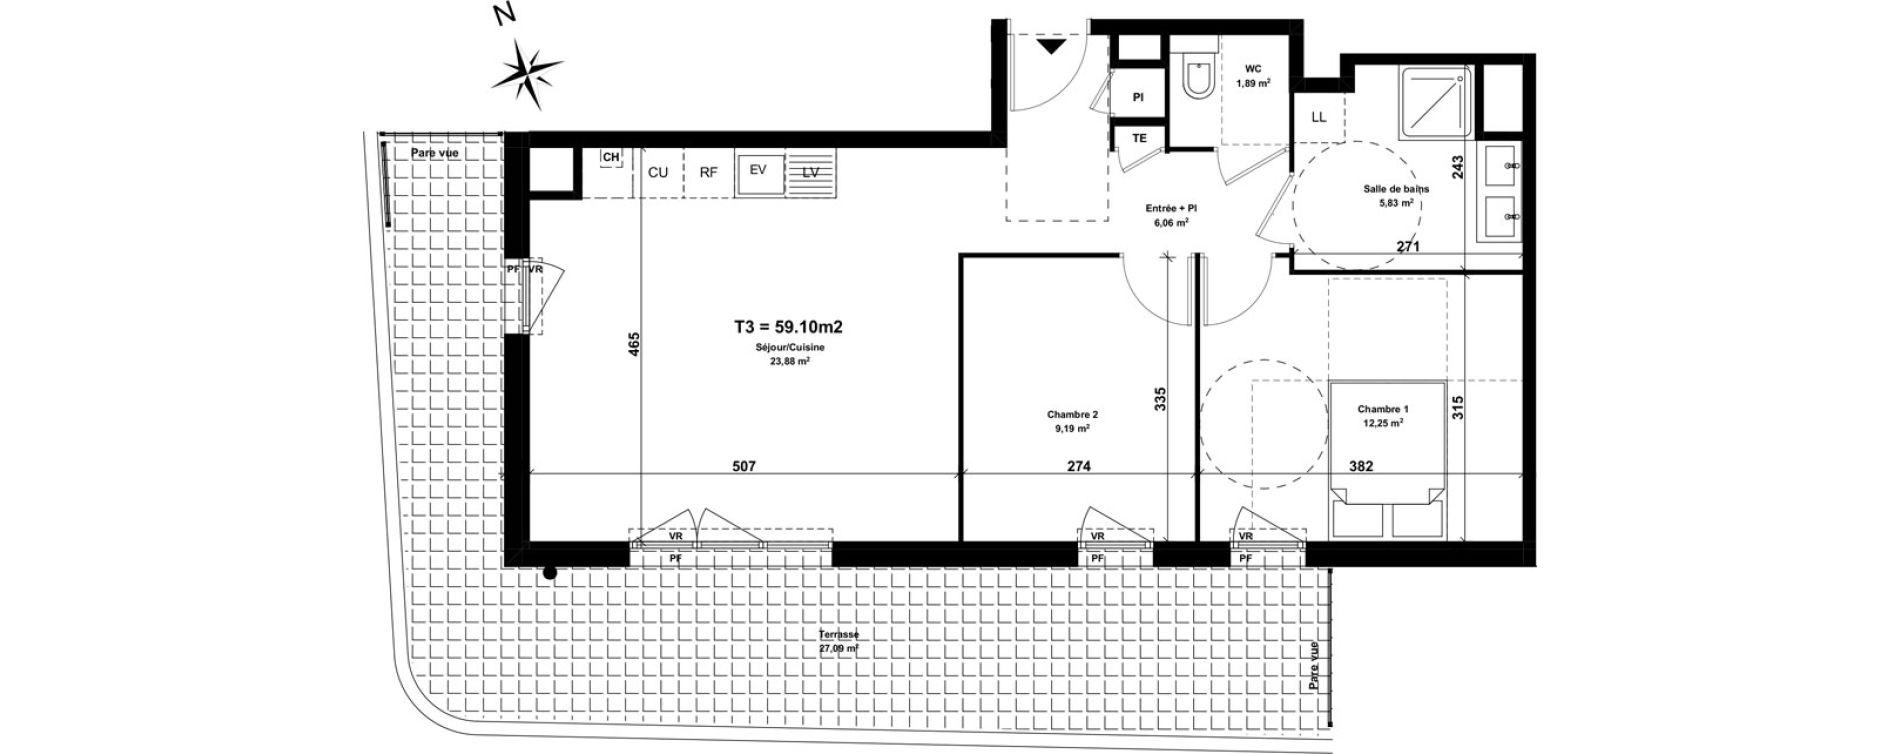 Appartement T3 de 59,10 m2 à Marseille Saint-tronc (10eme)